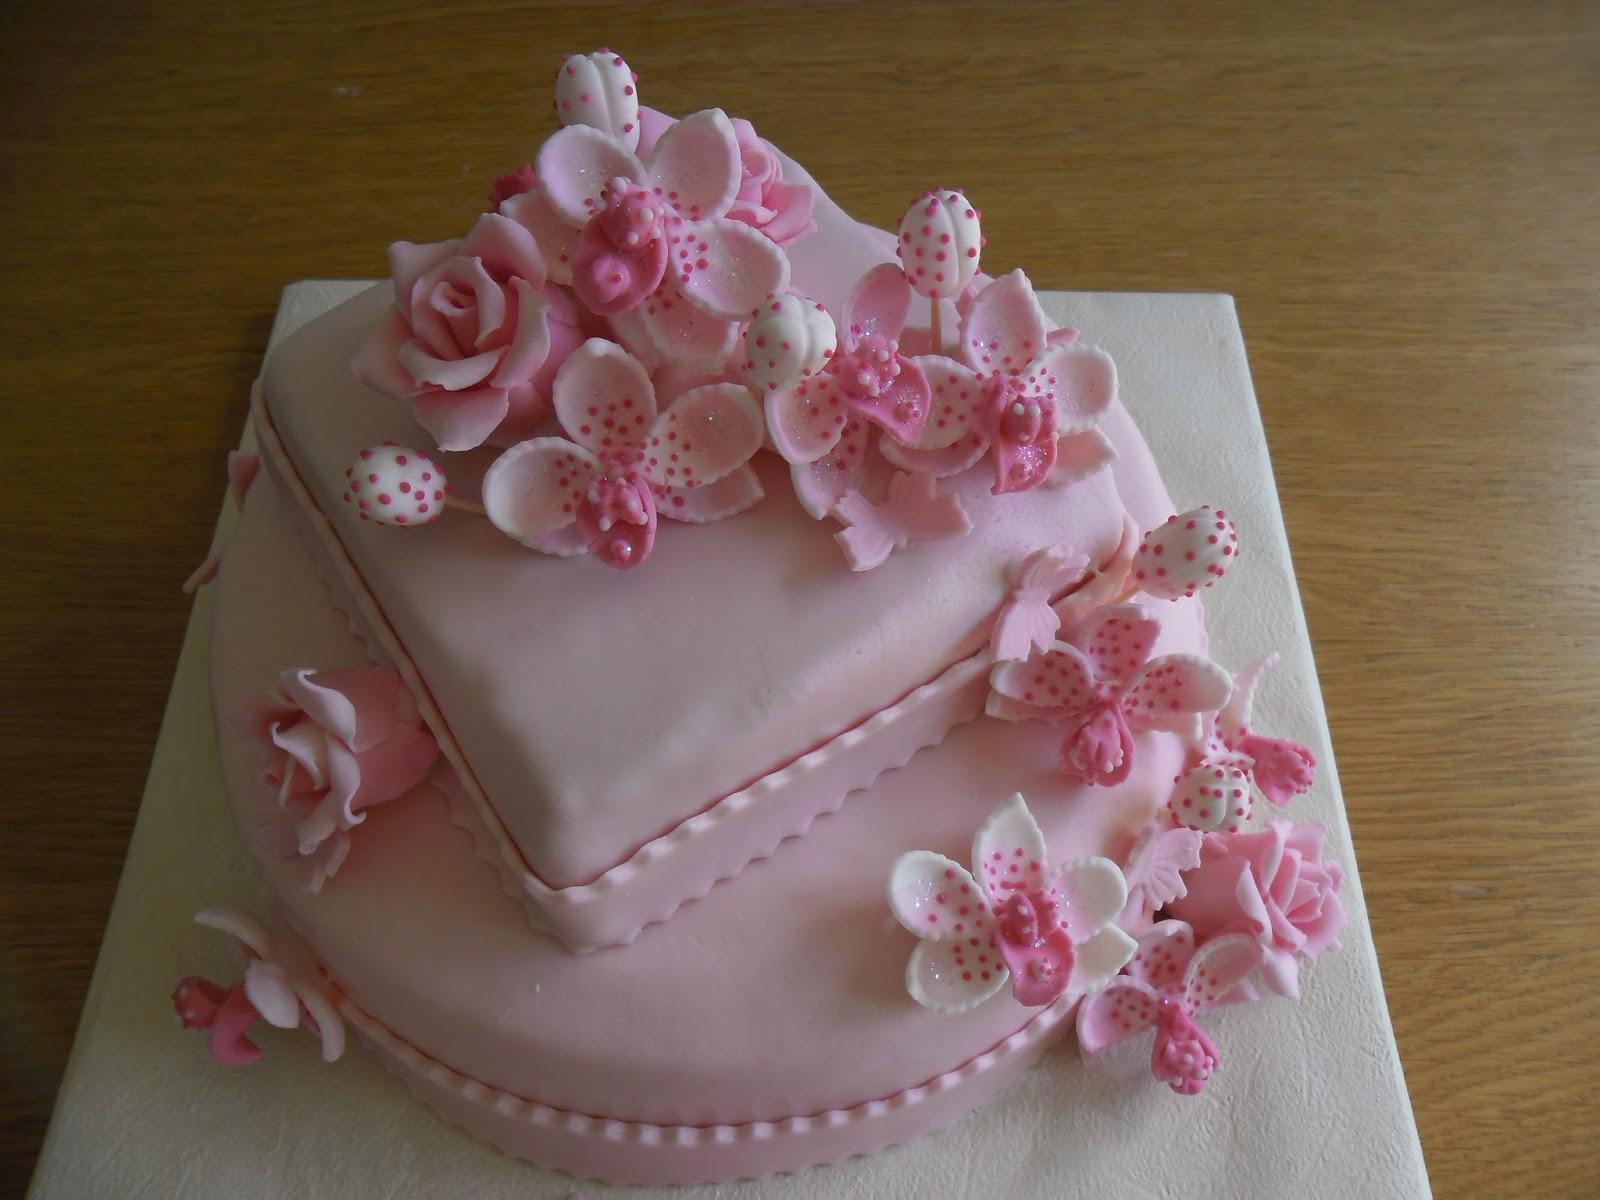 Bien-aimé gâteau orchidées | GATEAUX D'ALINE HZ31